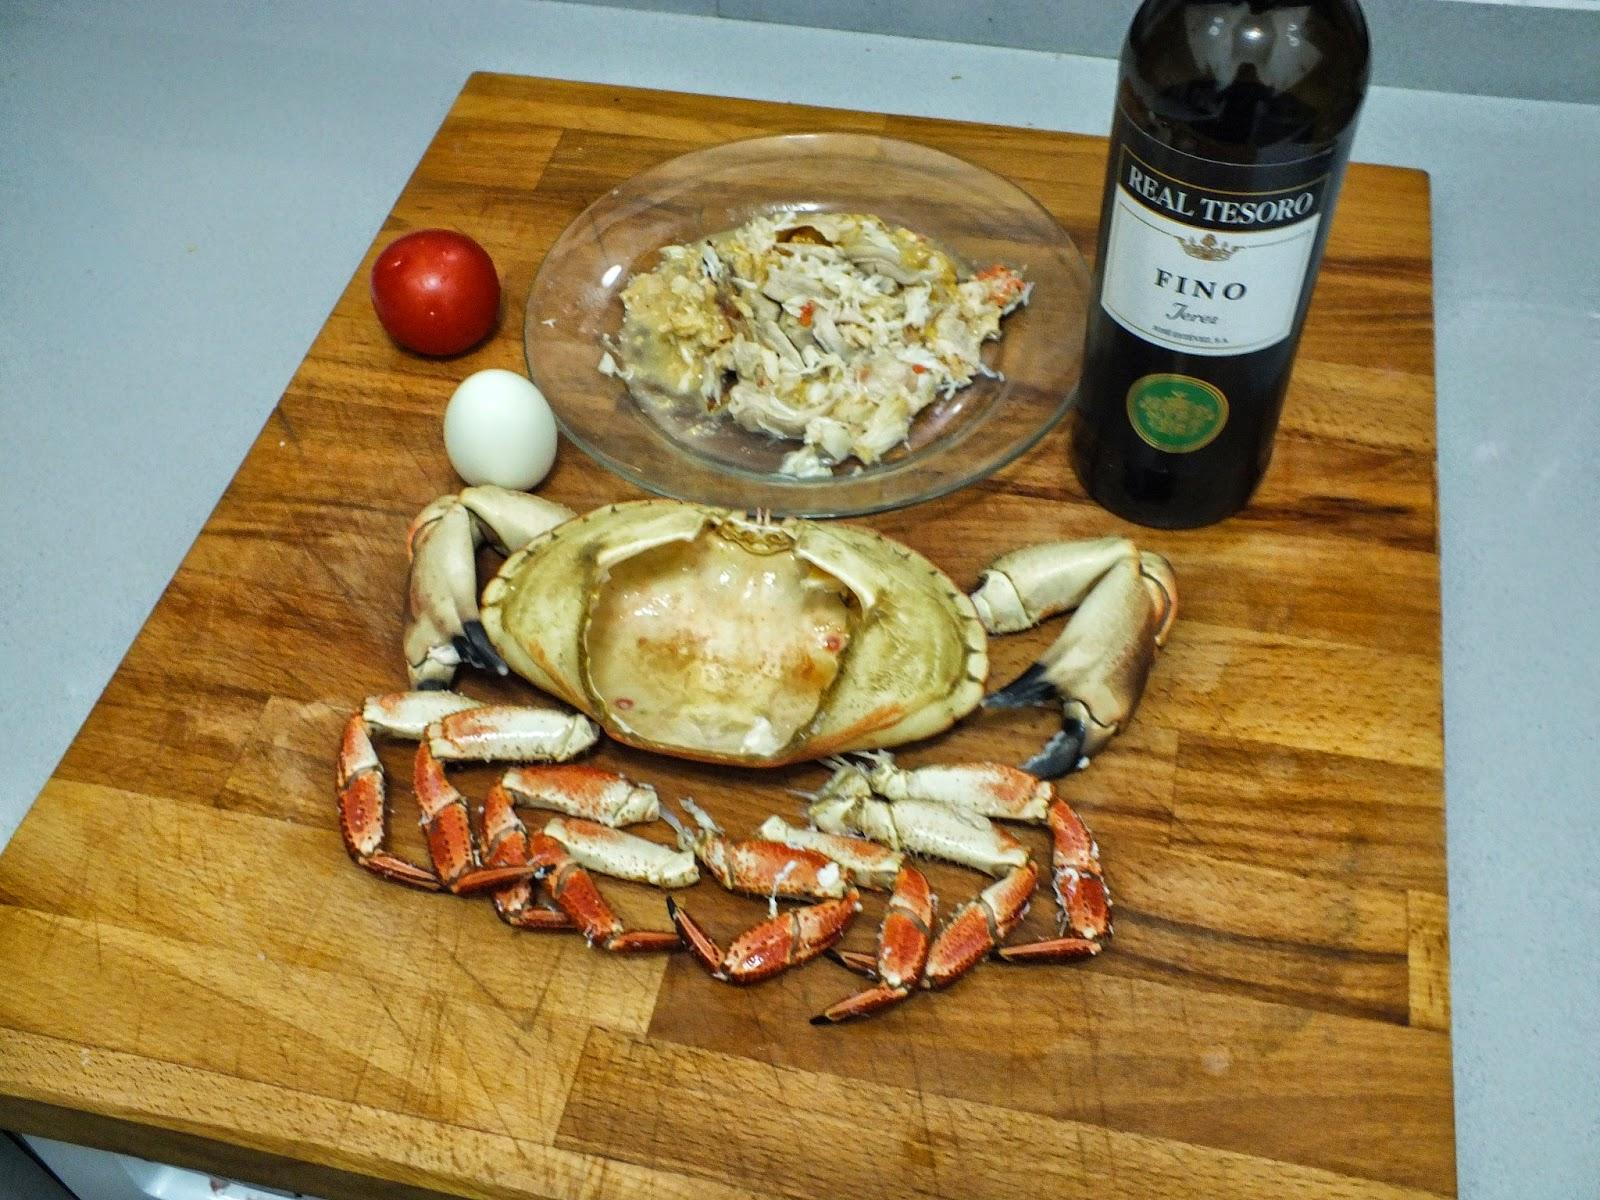 Escuela de cocina pako amor el buey de mar - Escuela de cocina paco amor ...